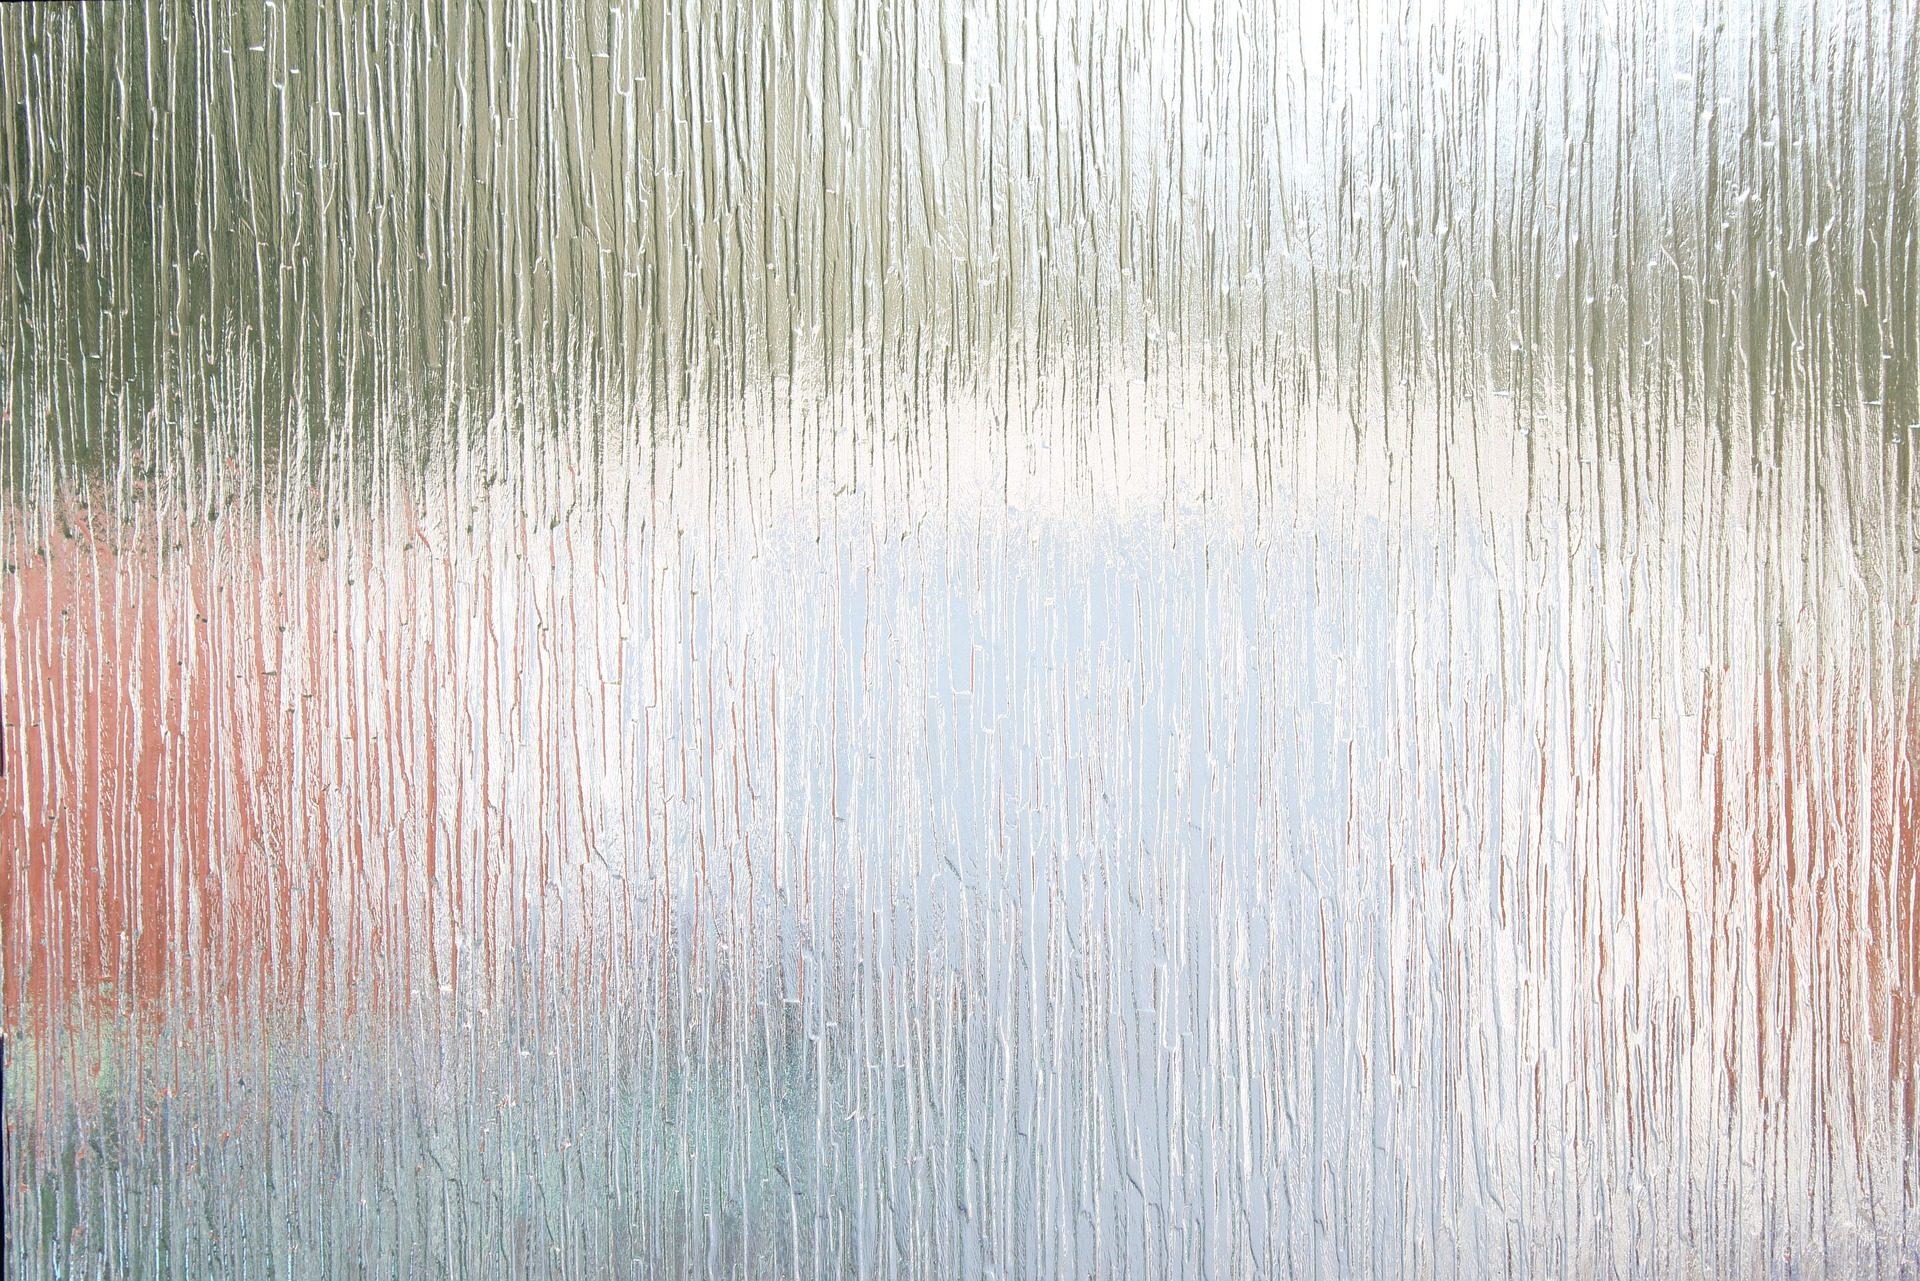 クリスタル, 霜, 氷, 冷, 水 - HD の壁紙 - 教授-falken.com